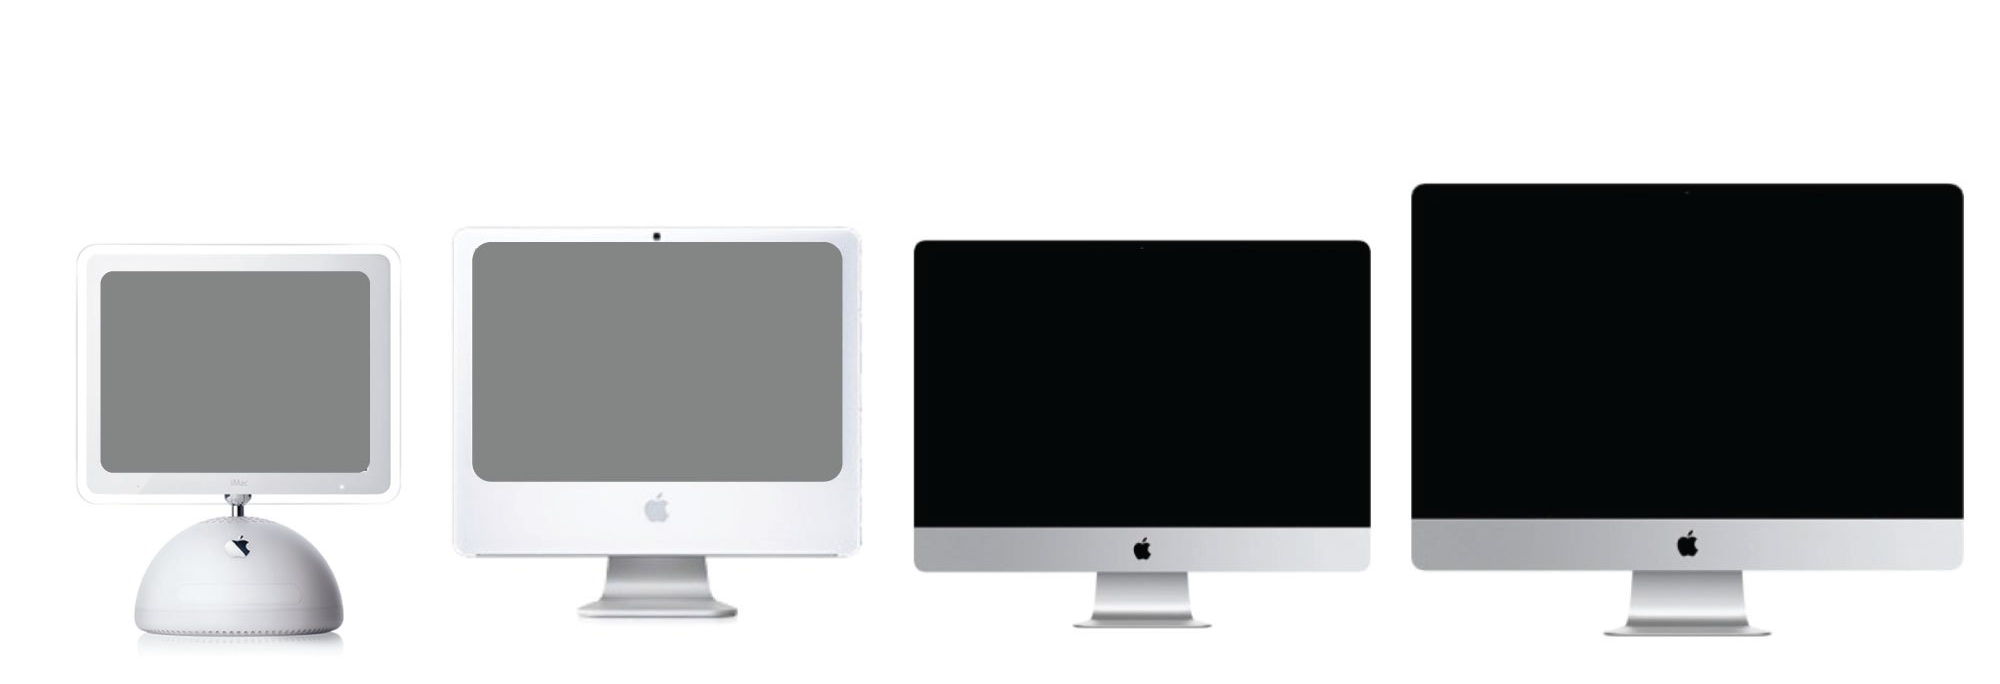 Repair iMac All models in Plano Texas